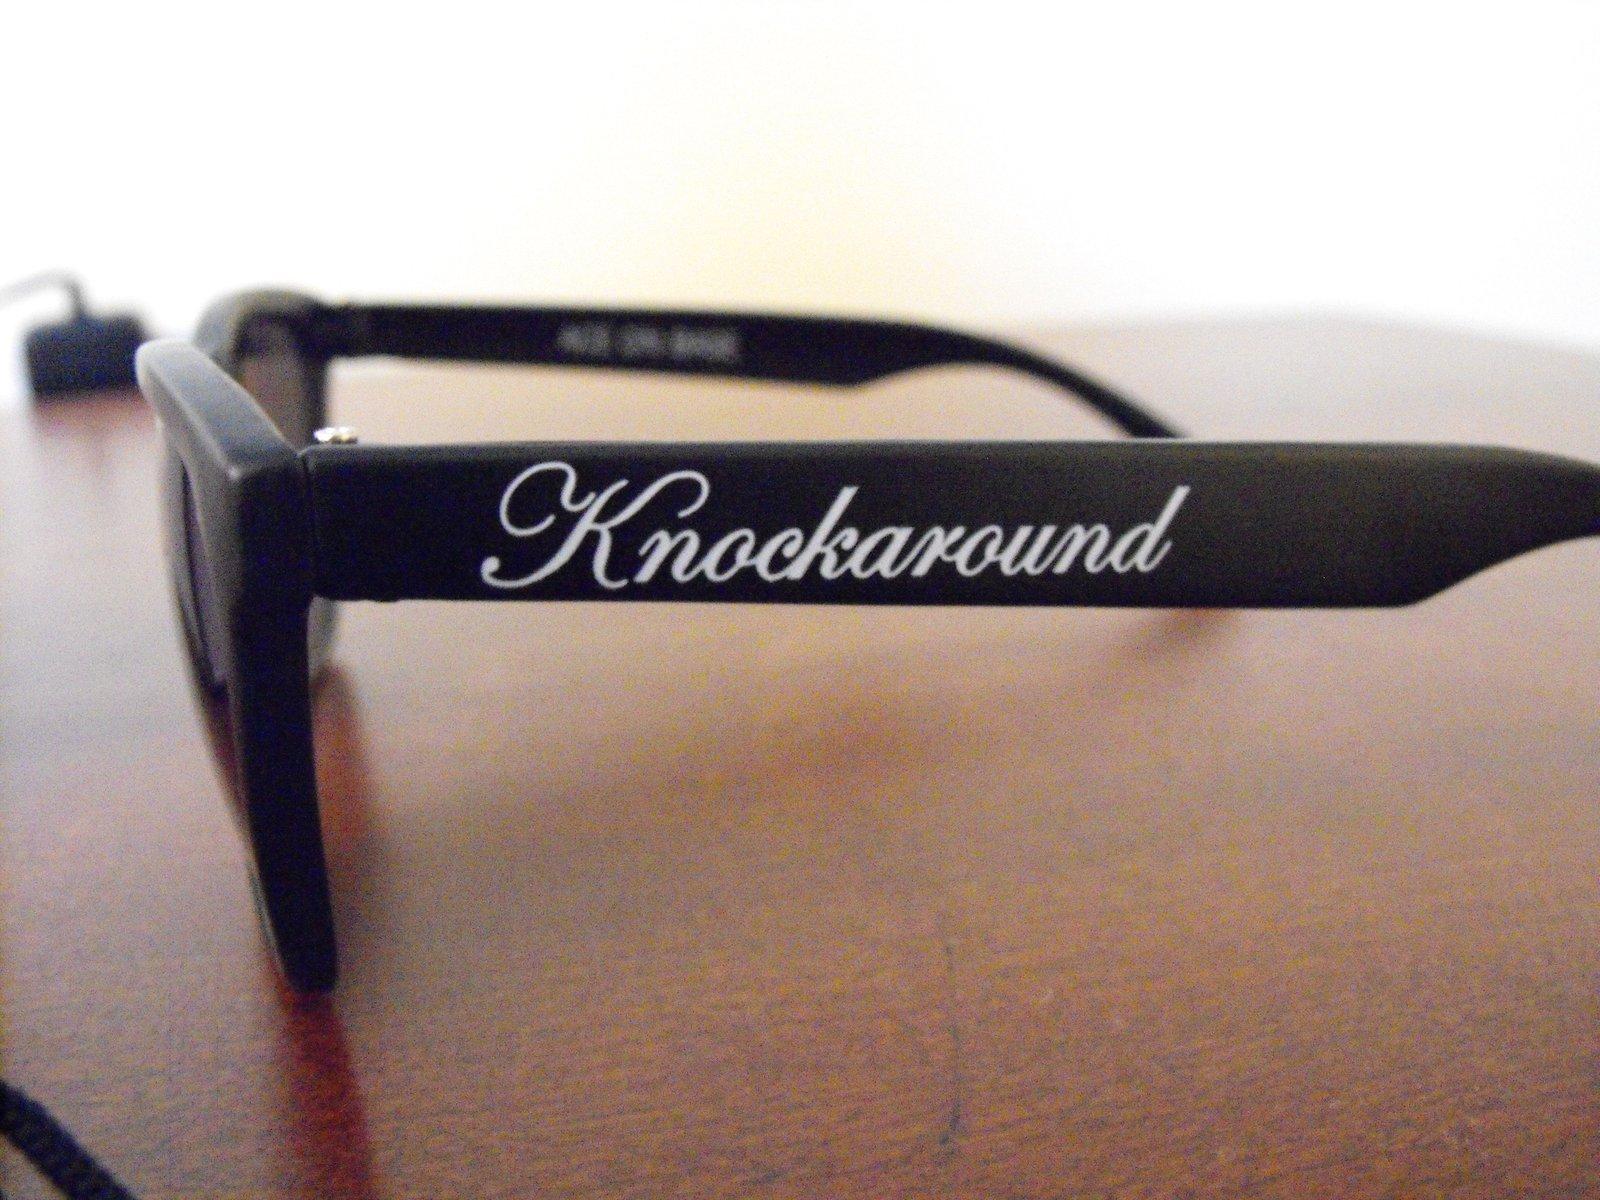 Knockarounds